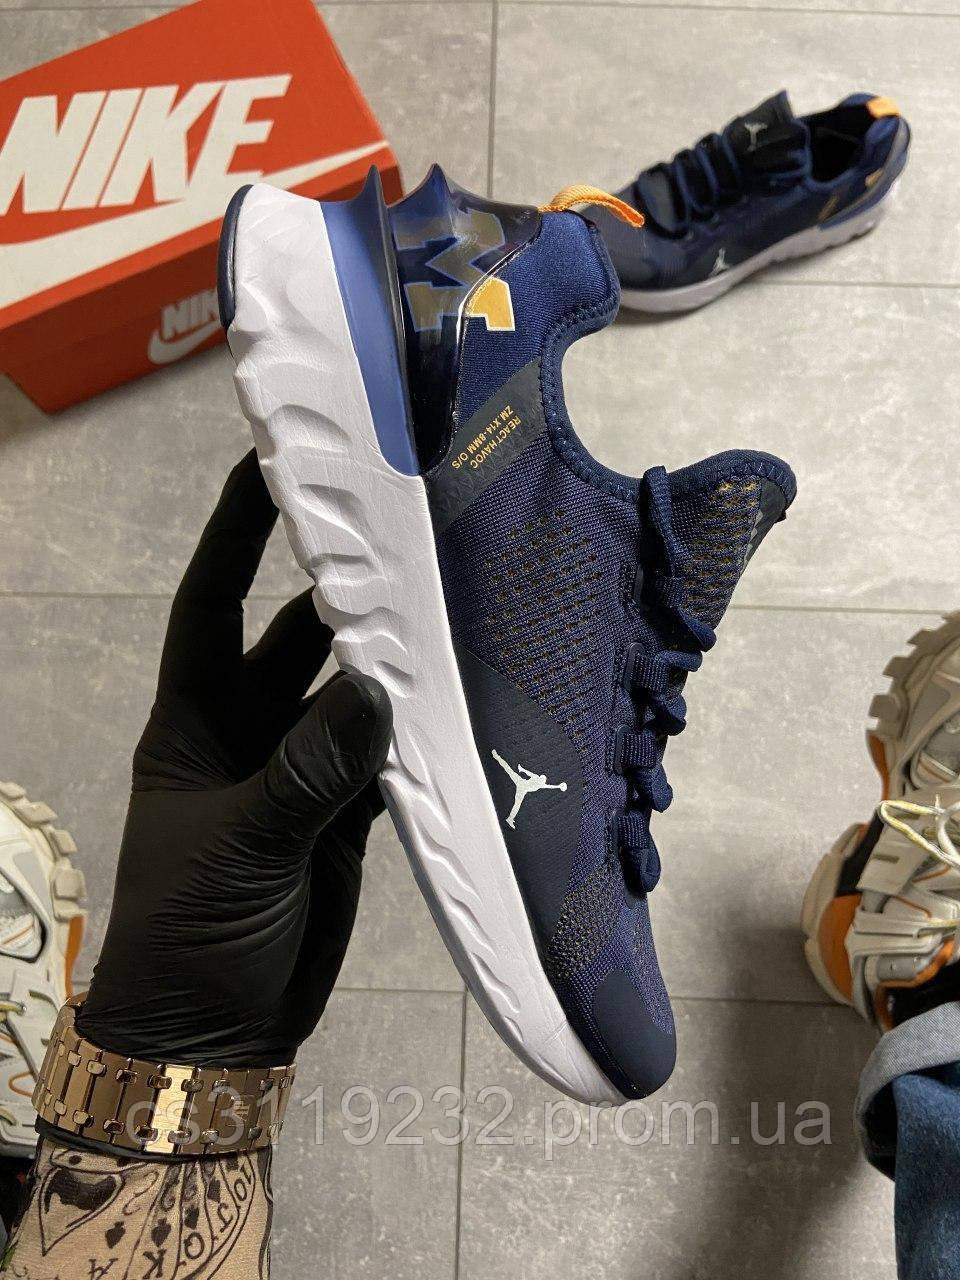 Мужские кроссовки Nike Air Jordan React Havoc Michigan Wolverines (синие)